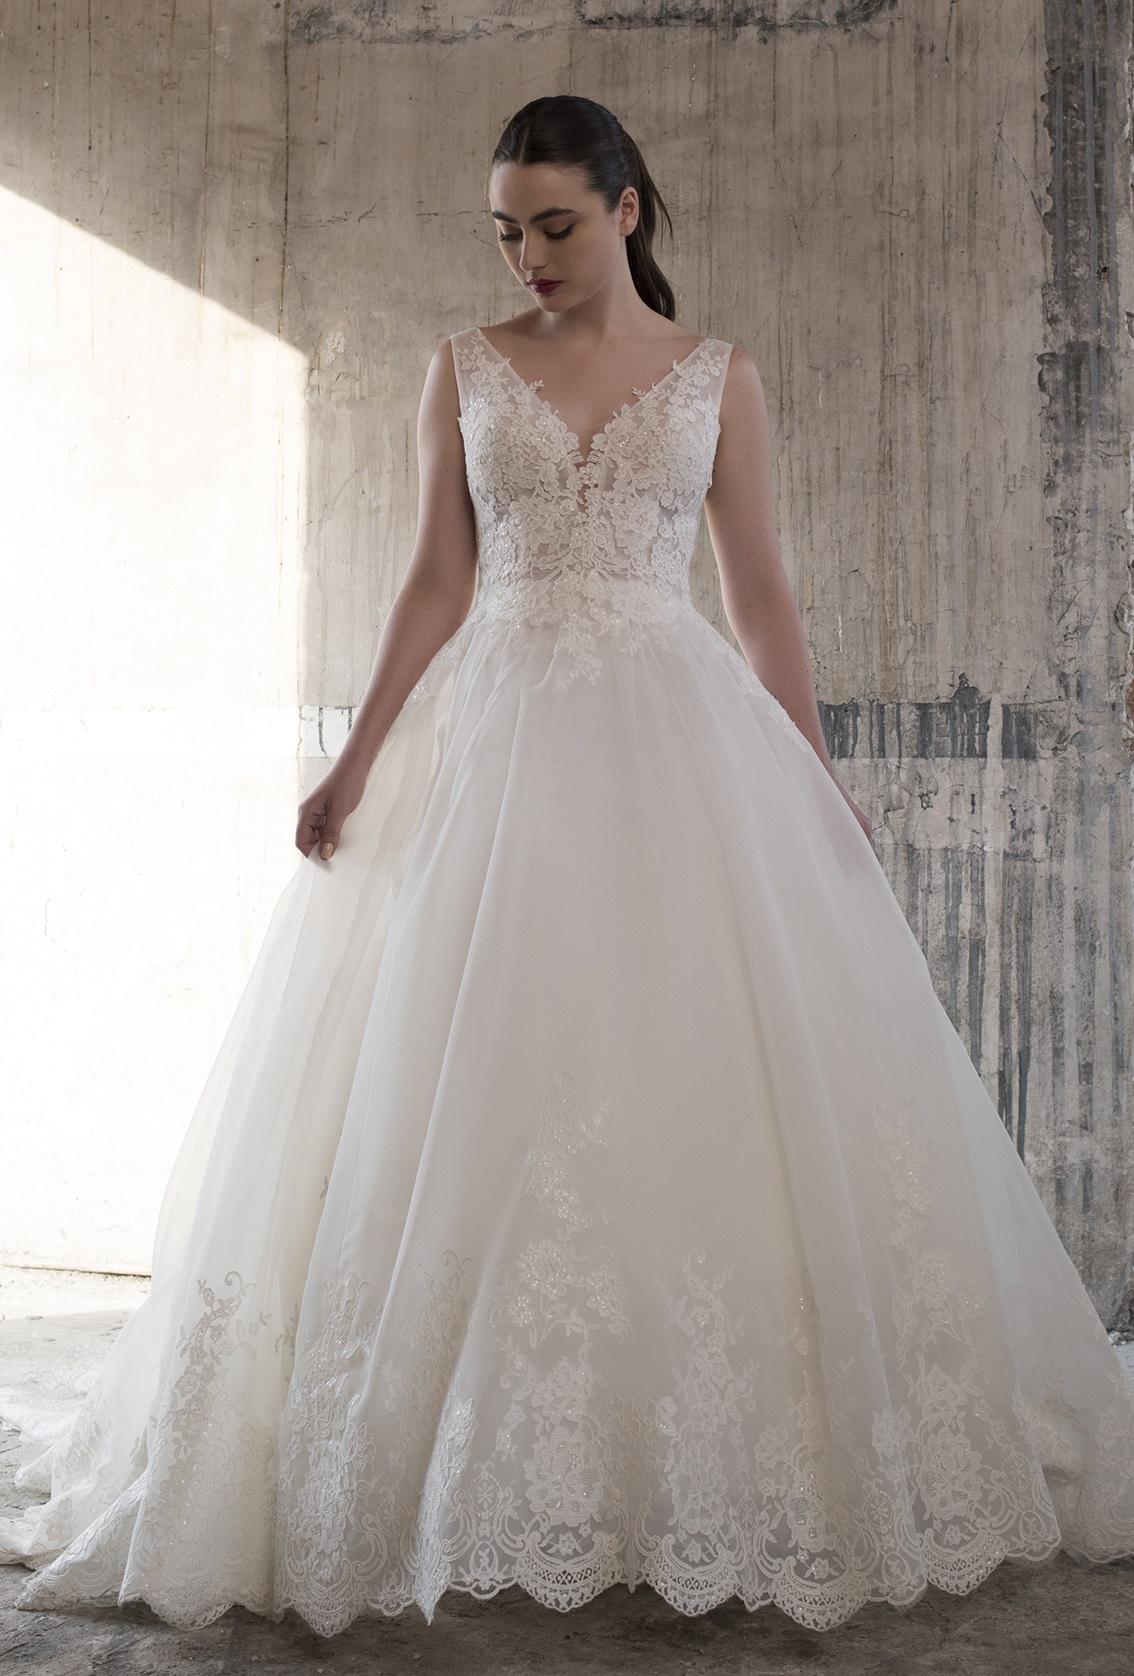 23b7d33a17 ¡Queremos ser testigos de tu felicidad y amor! Descubre el vestido de tus  sueños.